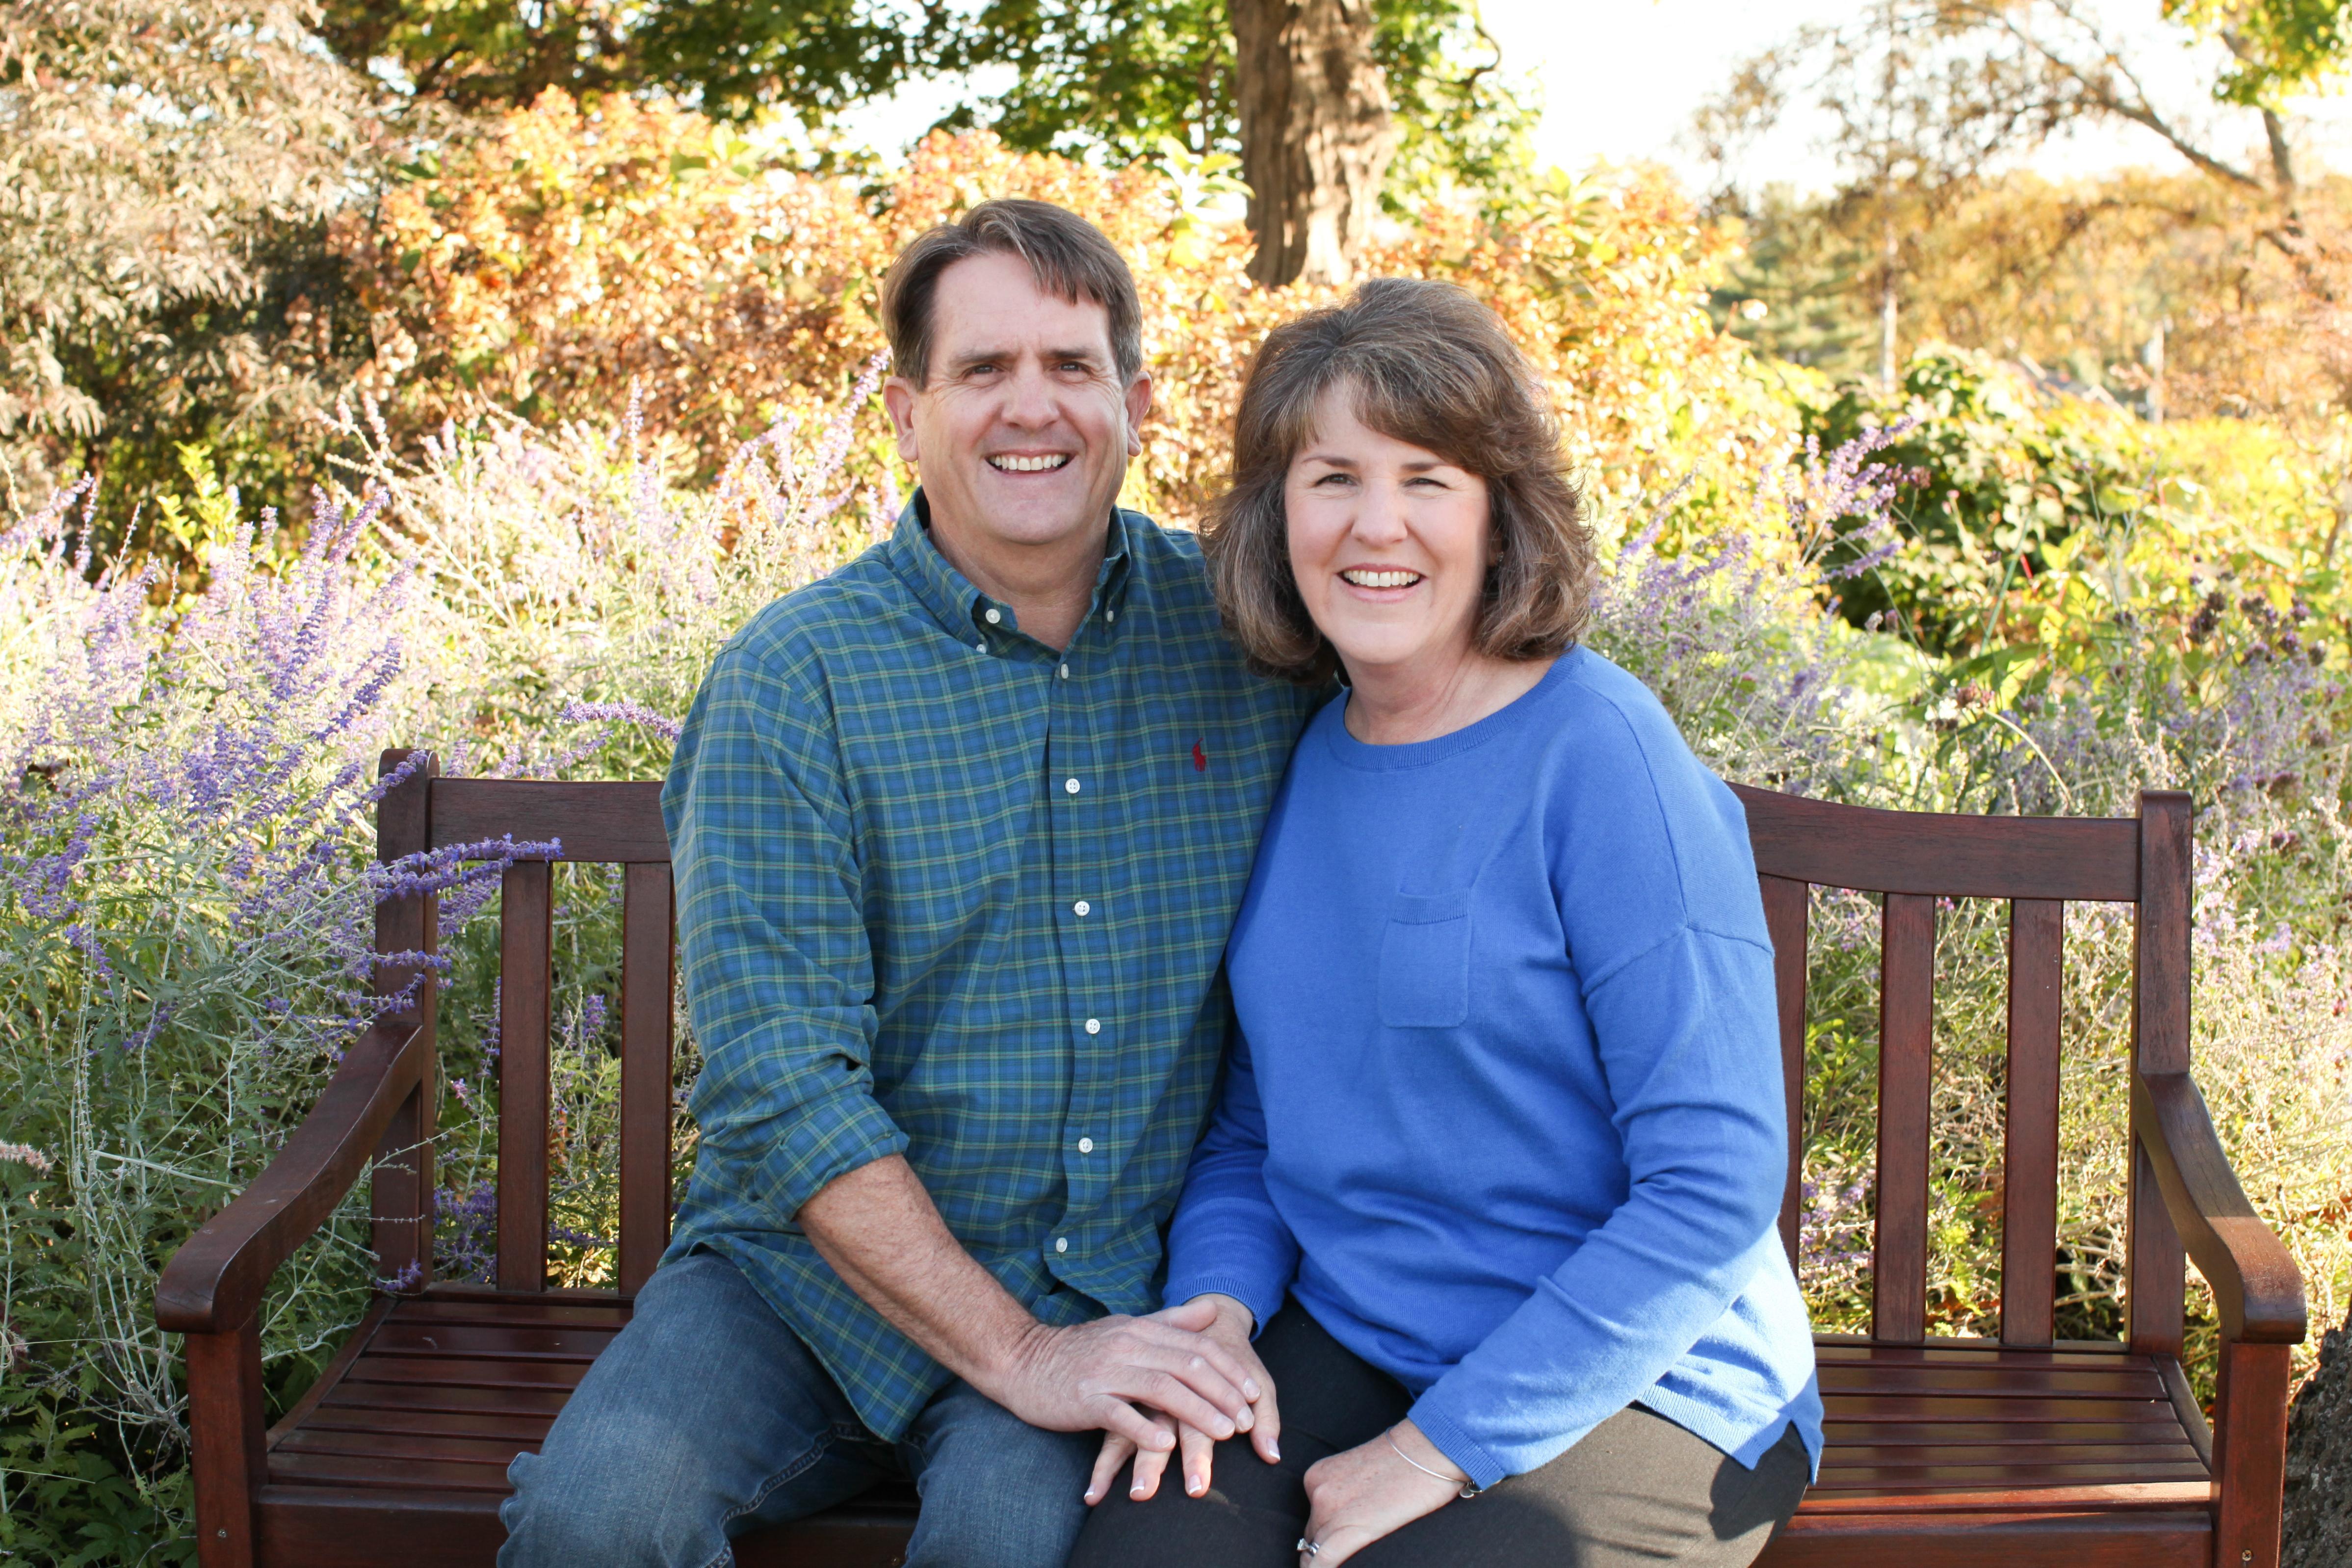 Dan and Kelly Hillis